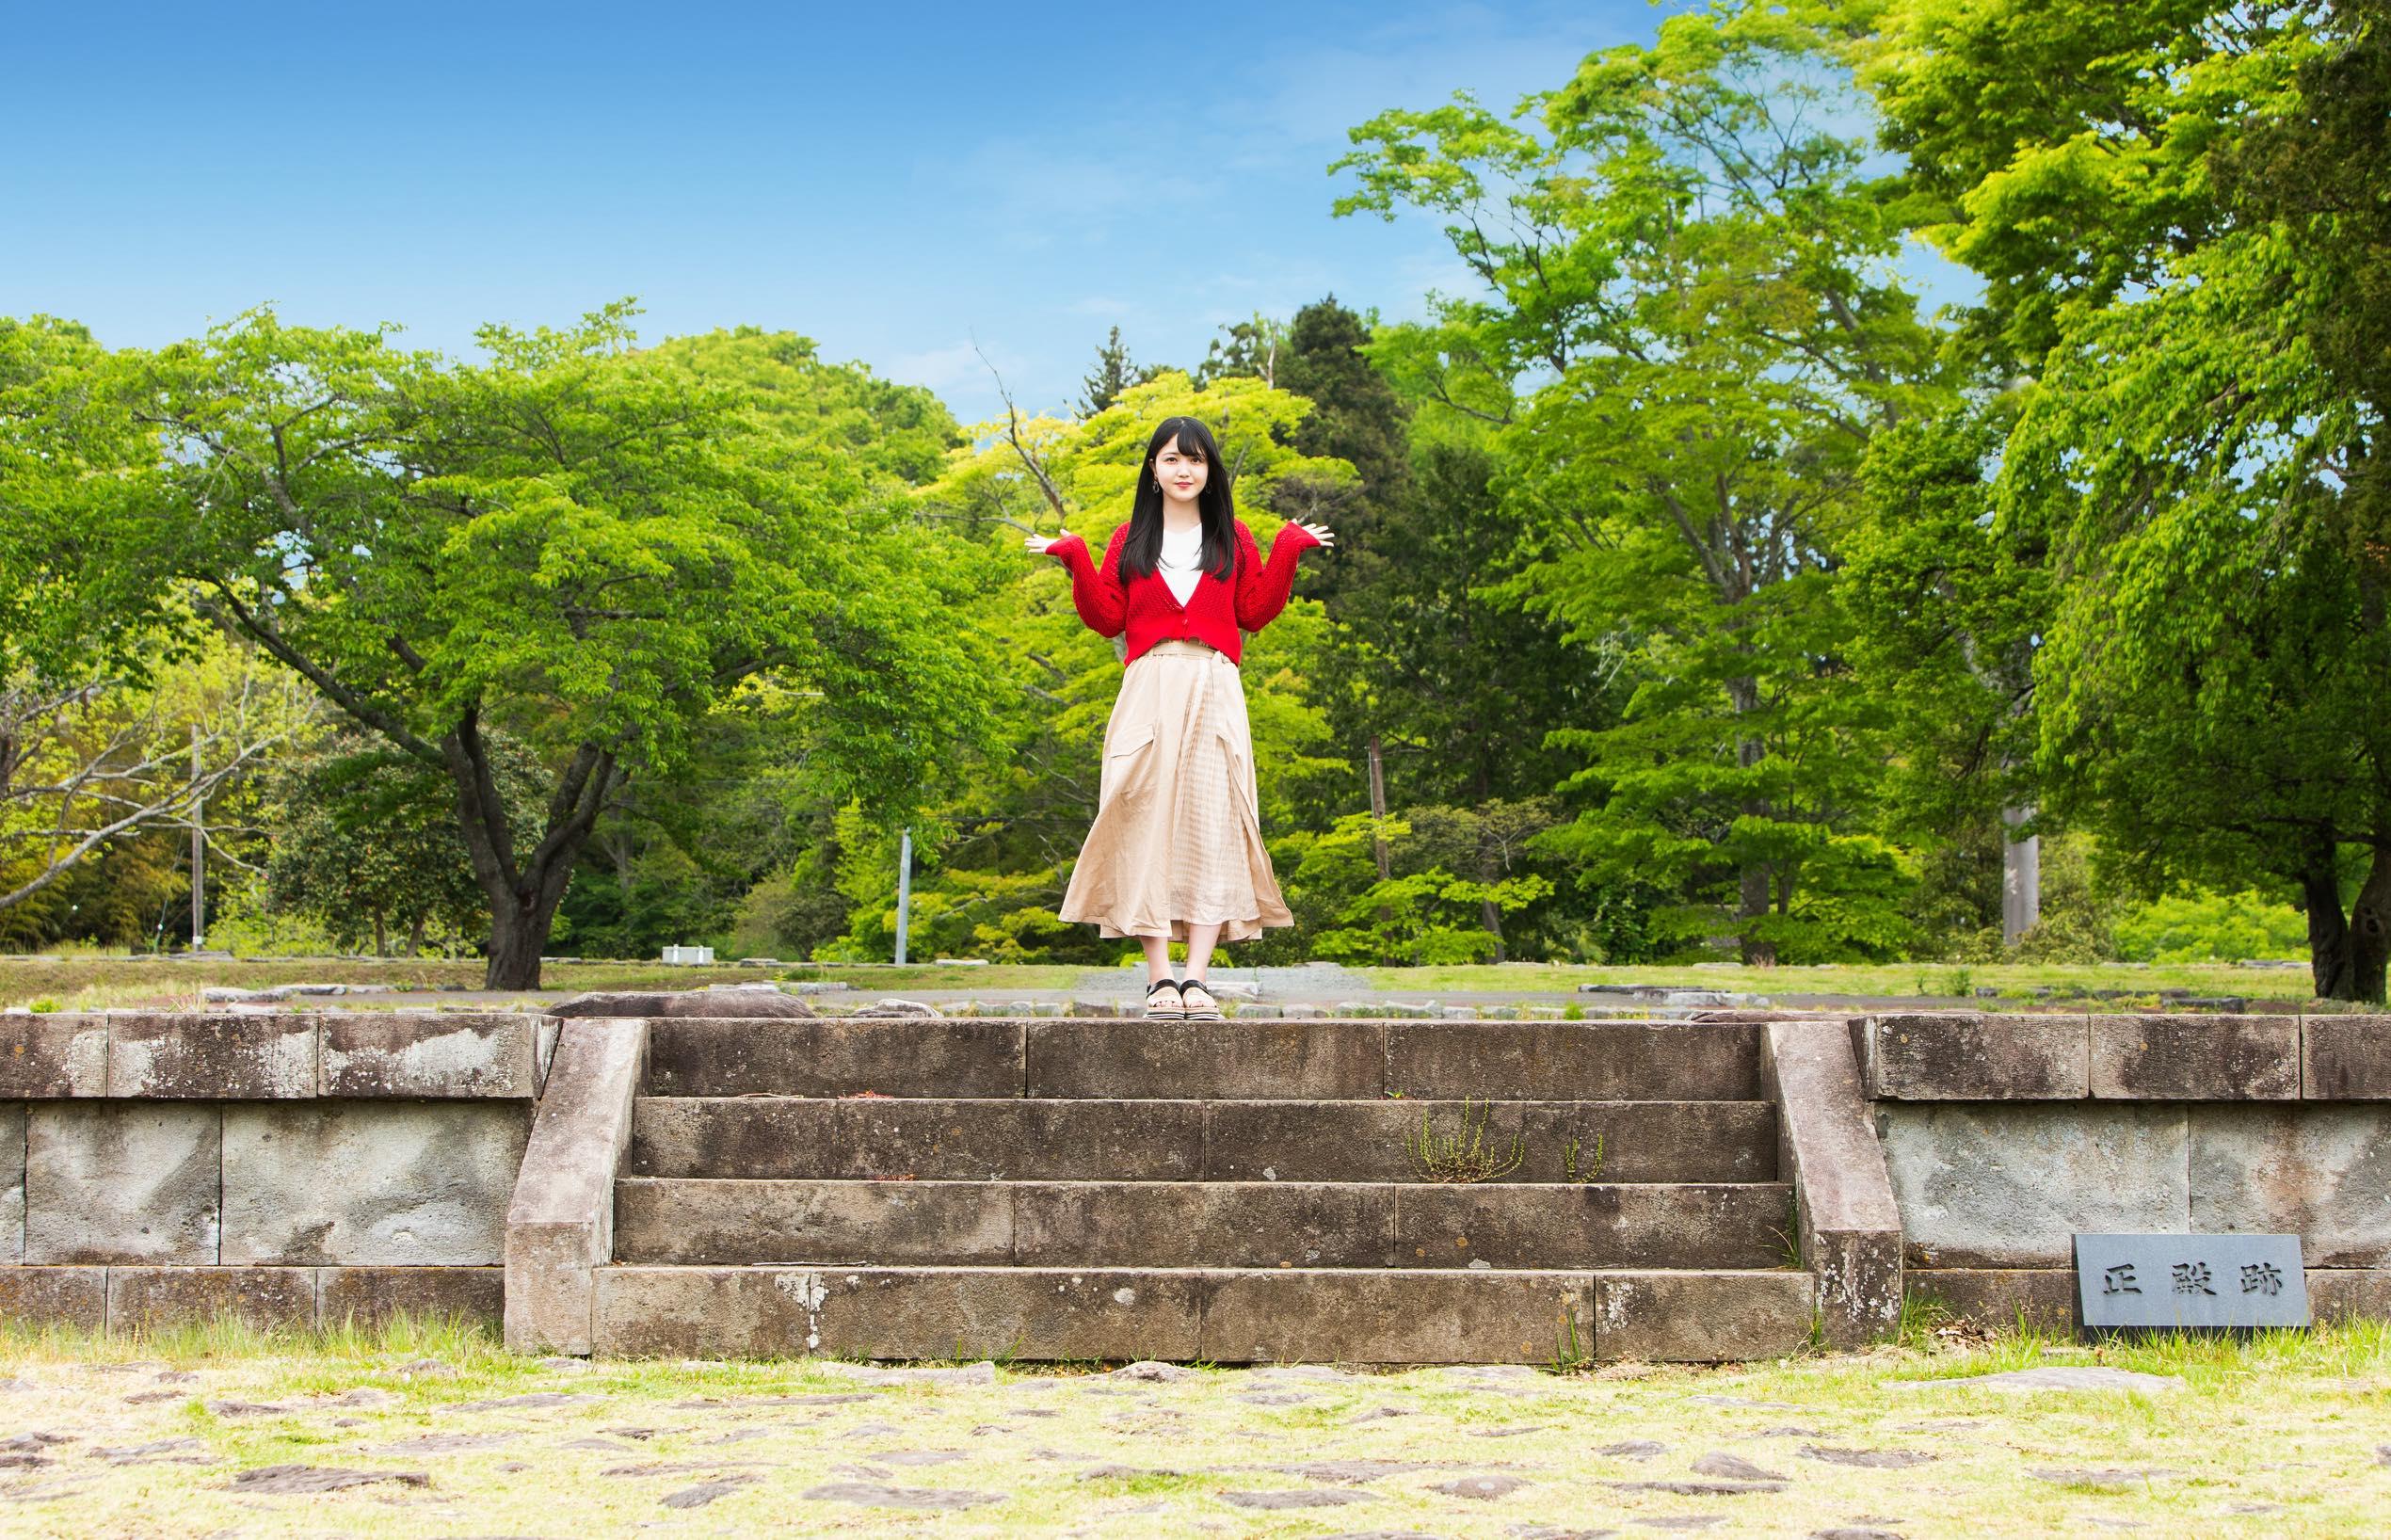 乃木坂46久保史緒里が仙台を巡るWEB動画の新シリーズがスタート!【写真6枚】の画像005